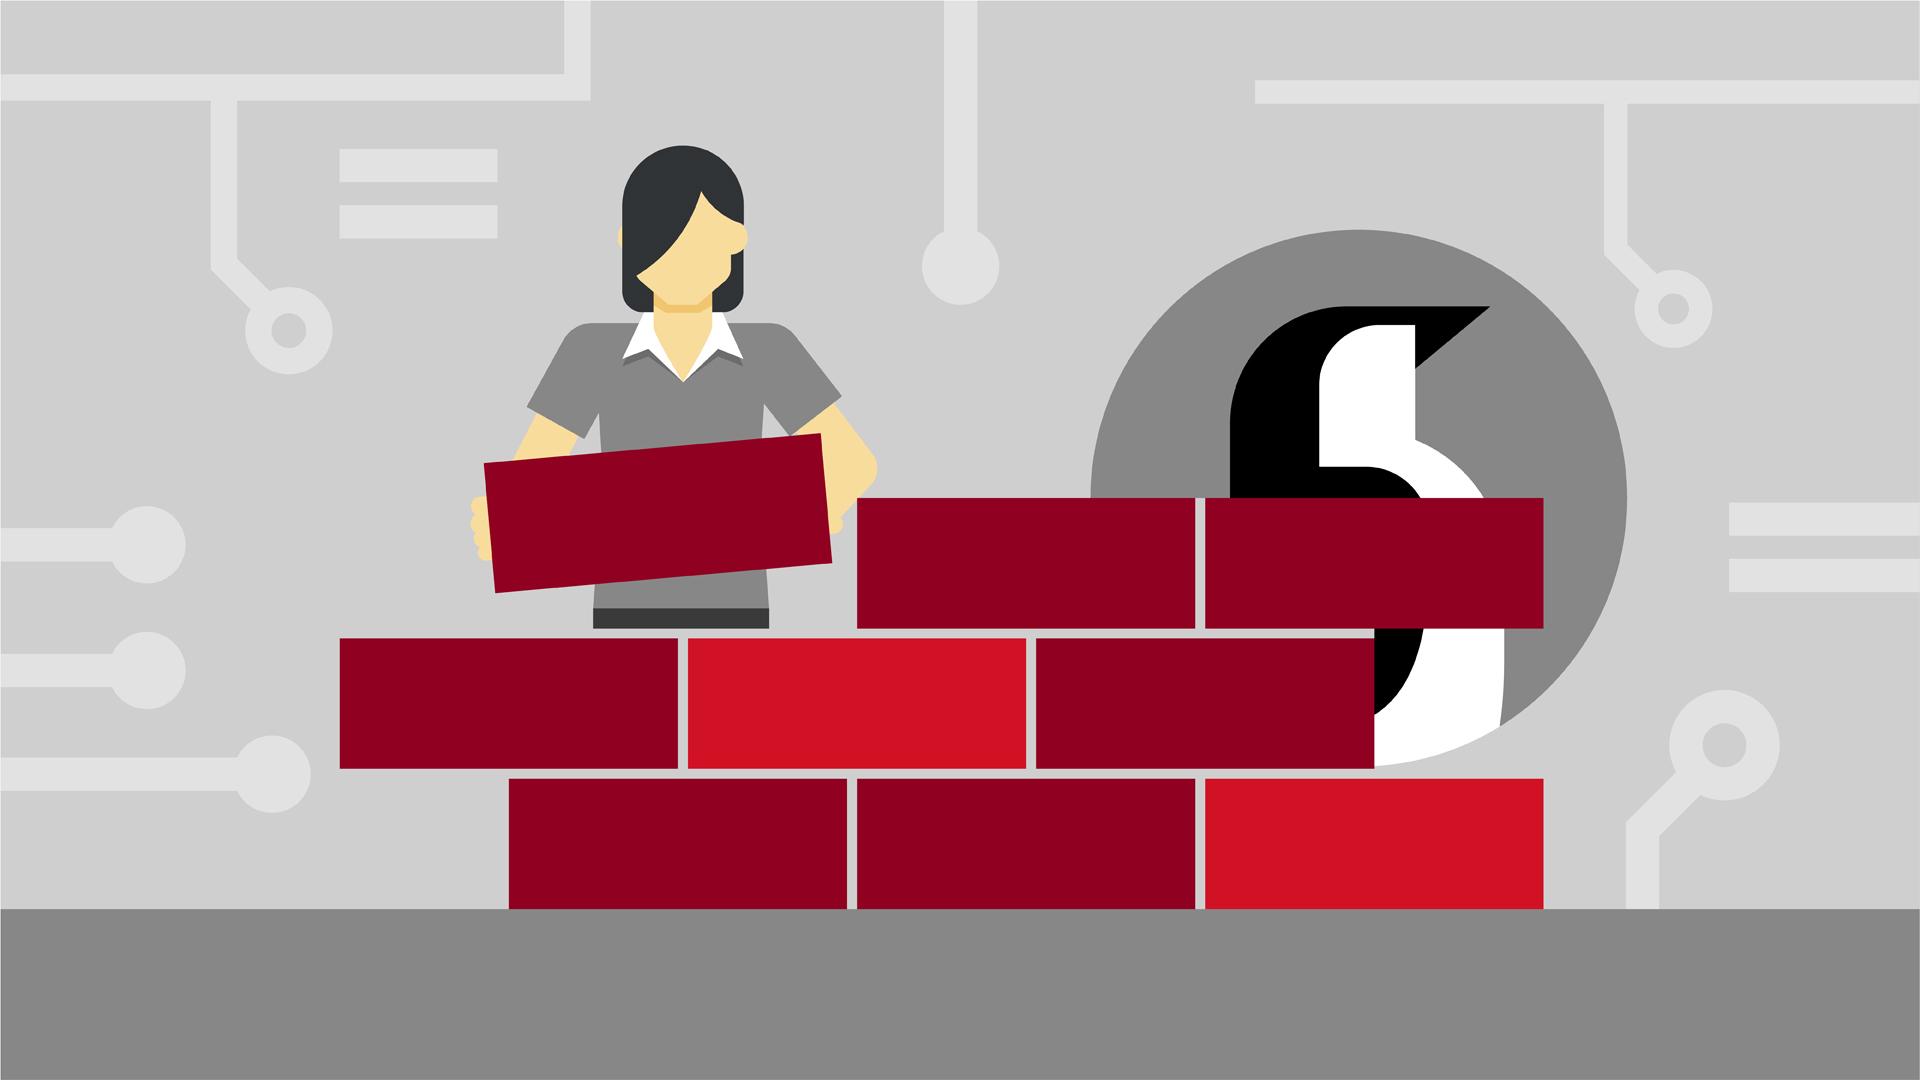 如何使用 iptables 和 firewalld 工具来管理 Linux 防火墙规则如何使用 iptables 和 firewalld 工具来管理 Linux 防火墙规则